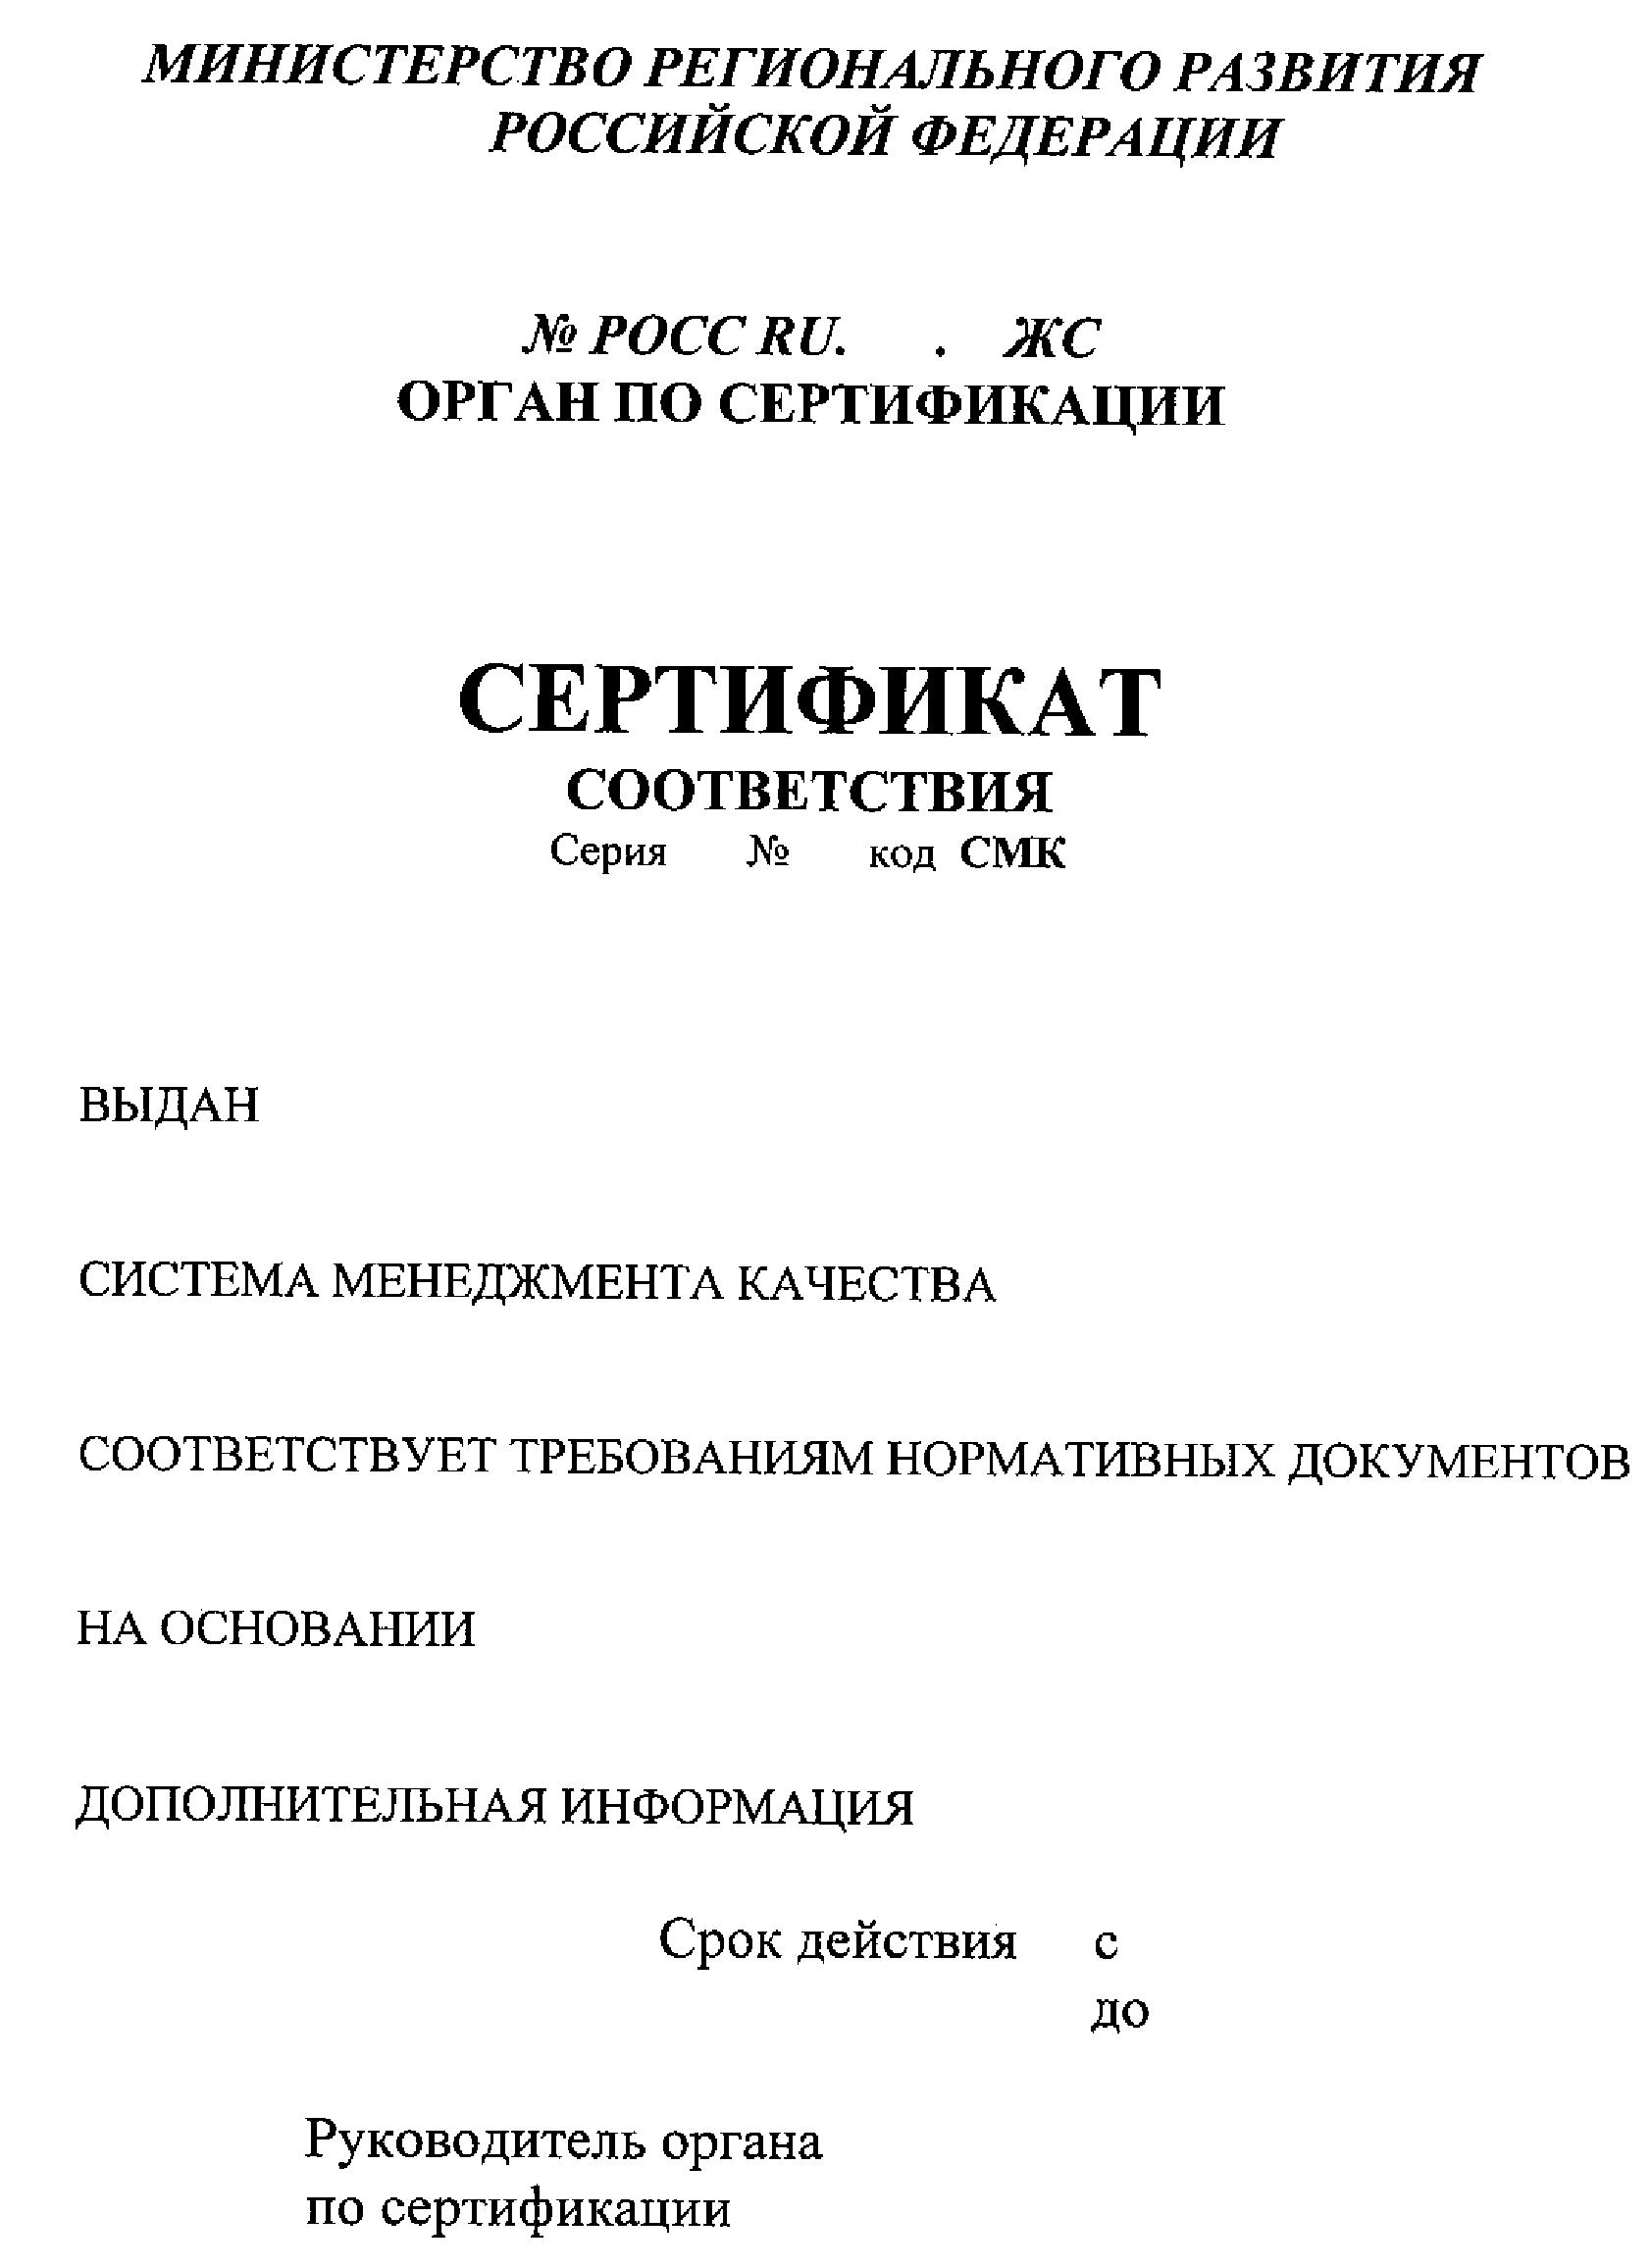 Информация о системе «росжилкоммунсертификация» сертификация качества нарезного батона